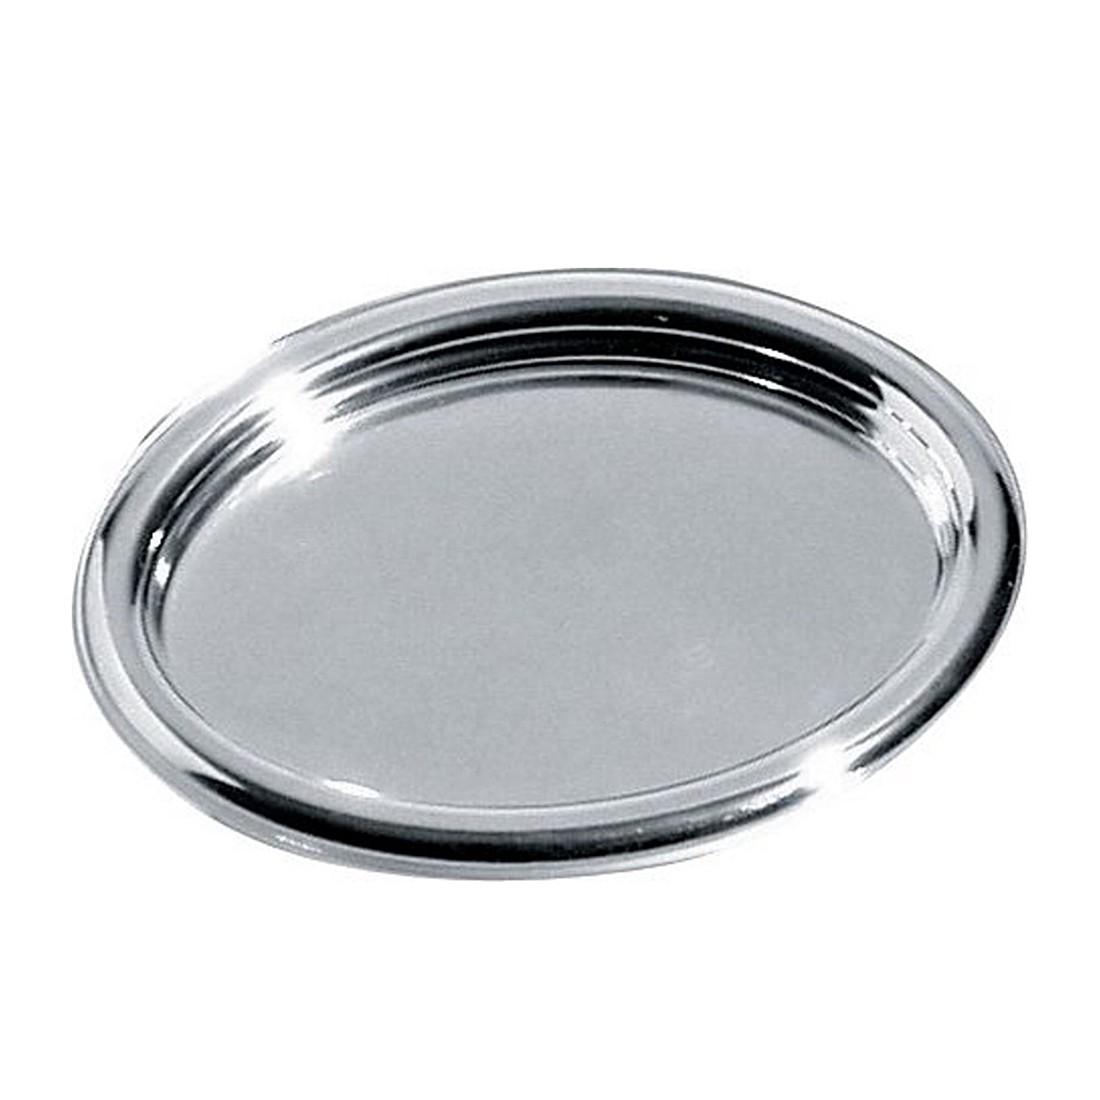 Platte Vassoio – oval – 32 x 26 cm, Alessi online bestellen